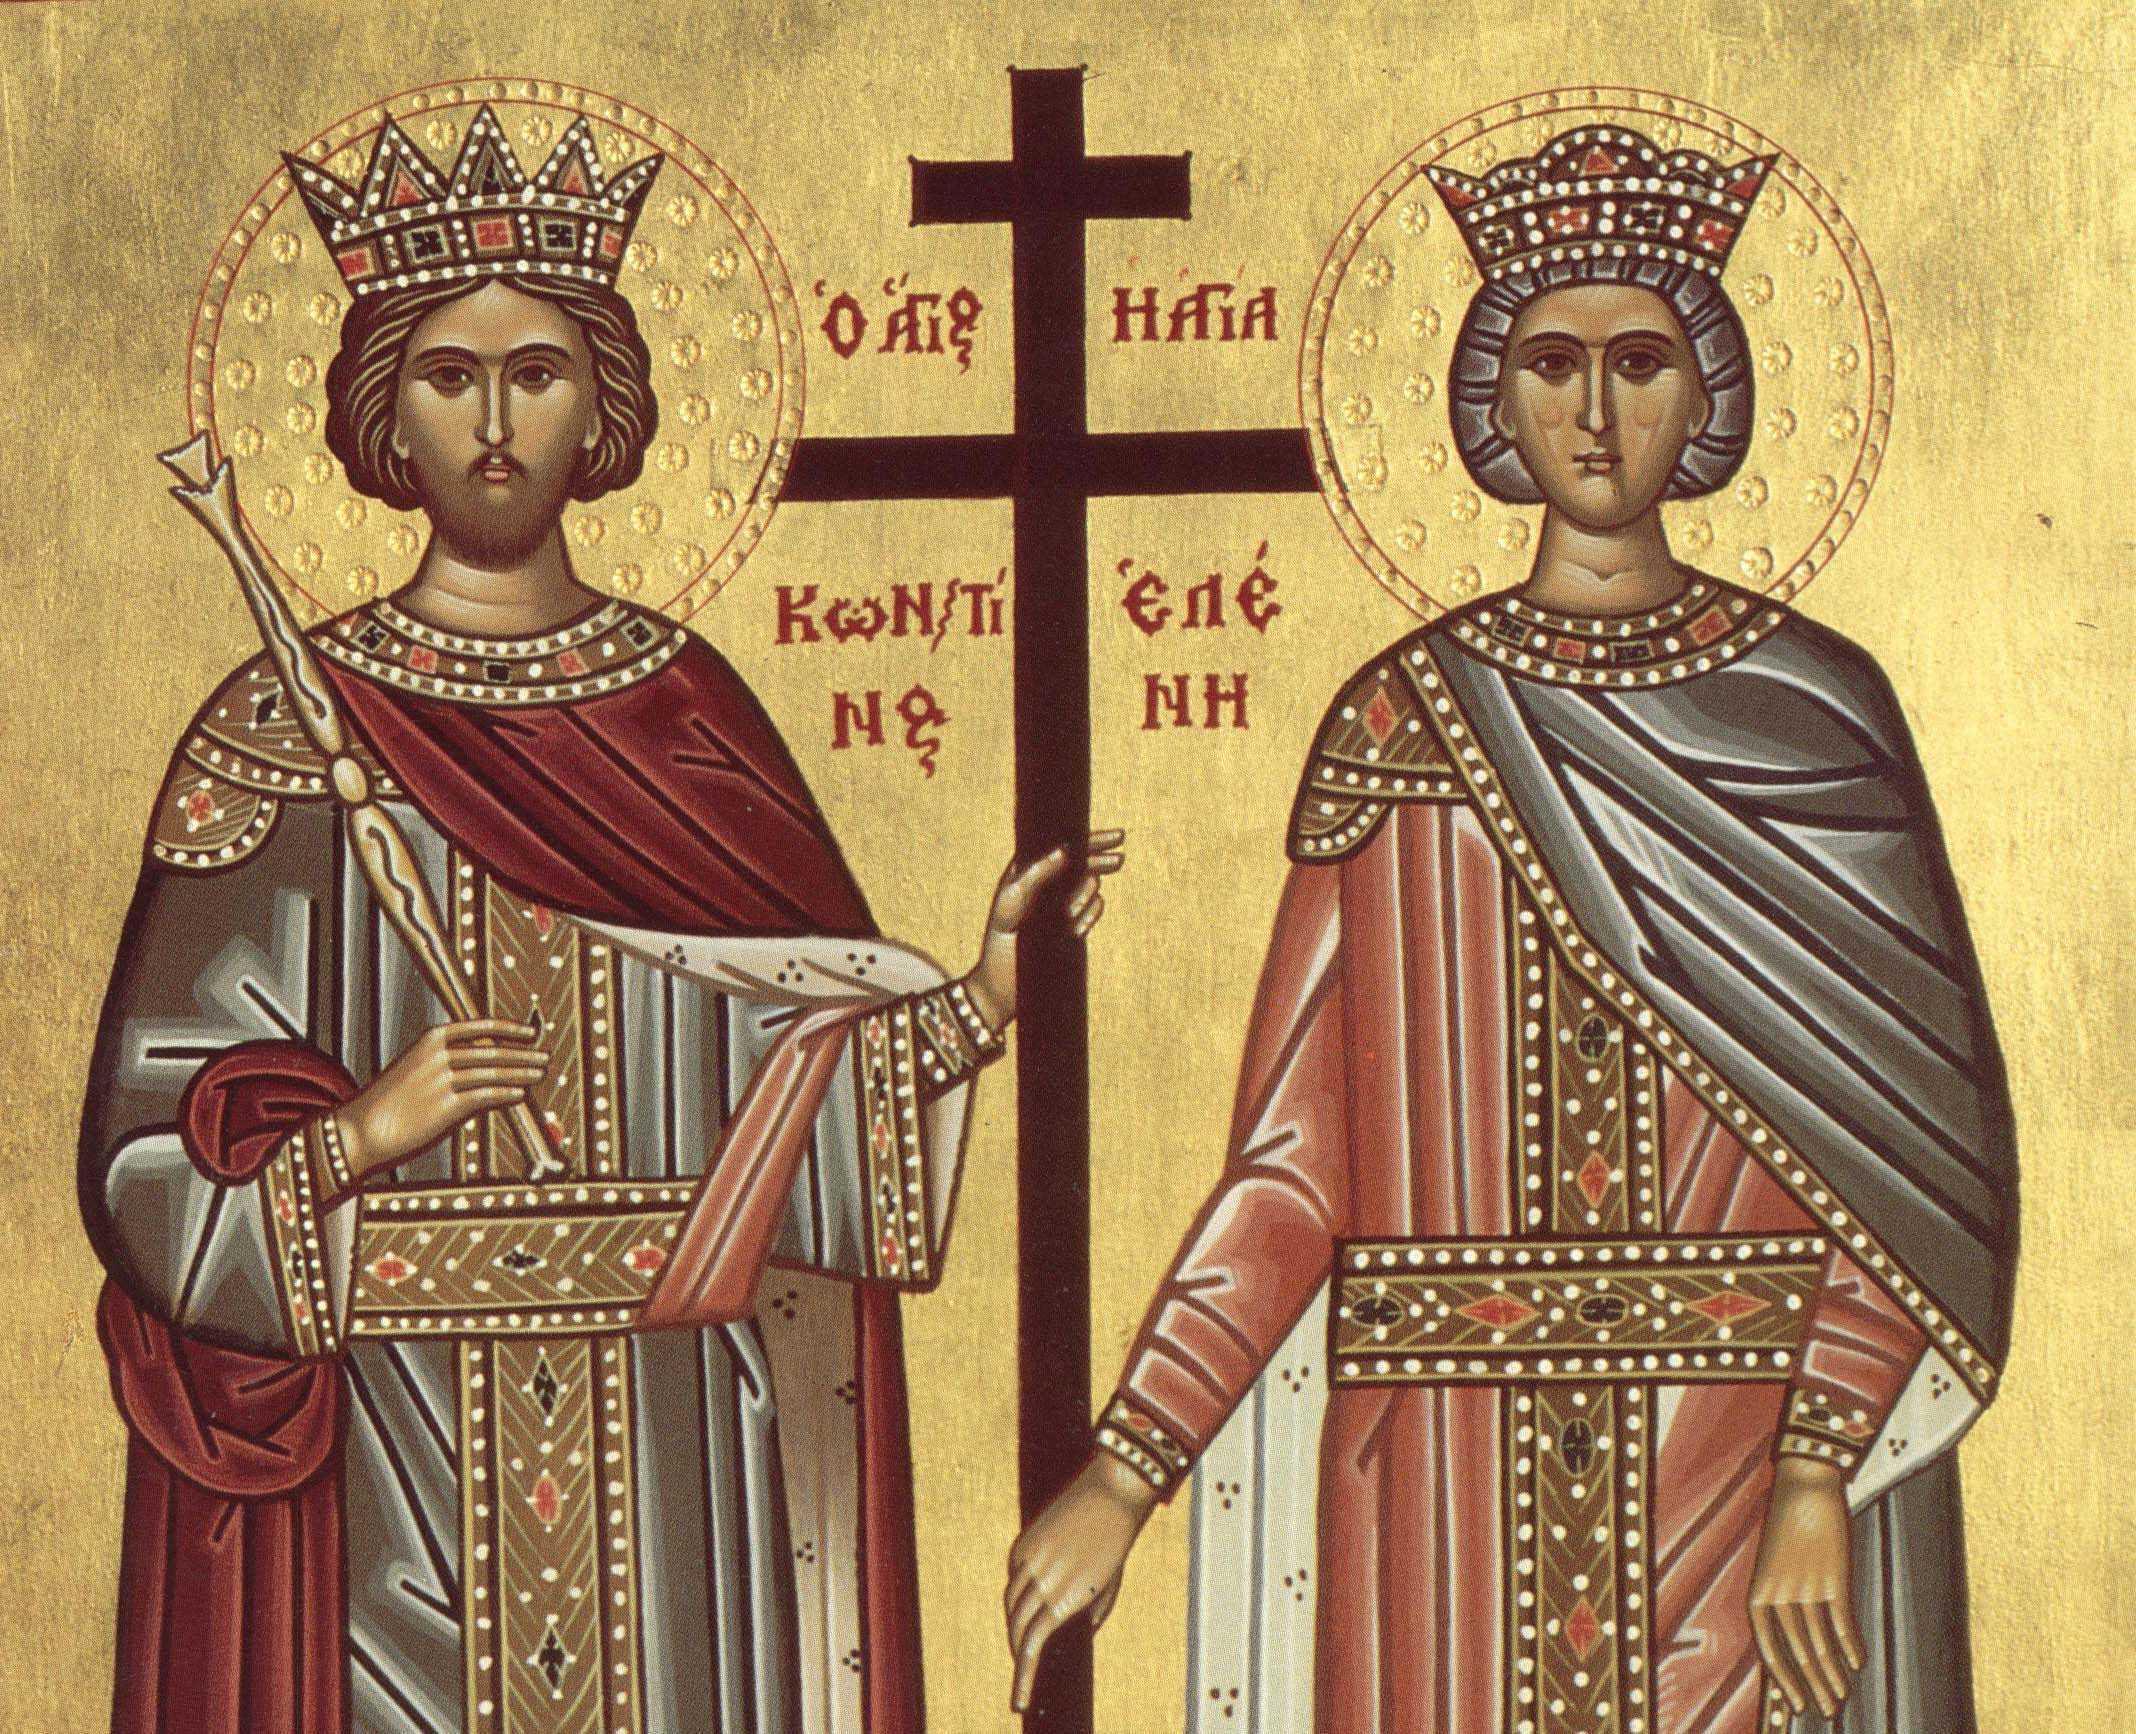 - Sfintii Imparati Constantin si Elena 2018 - Instinctu divinitas